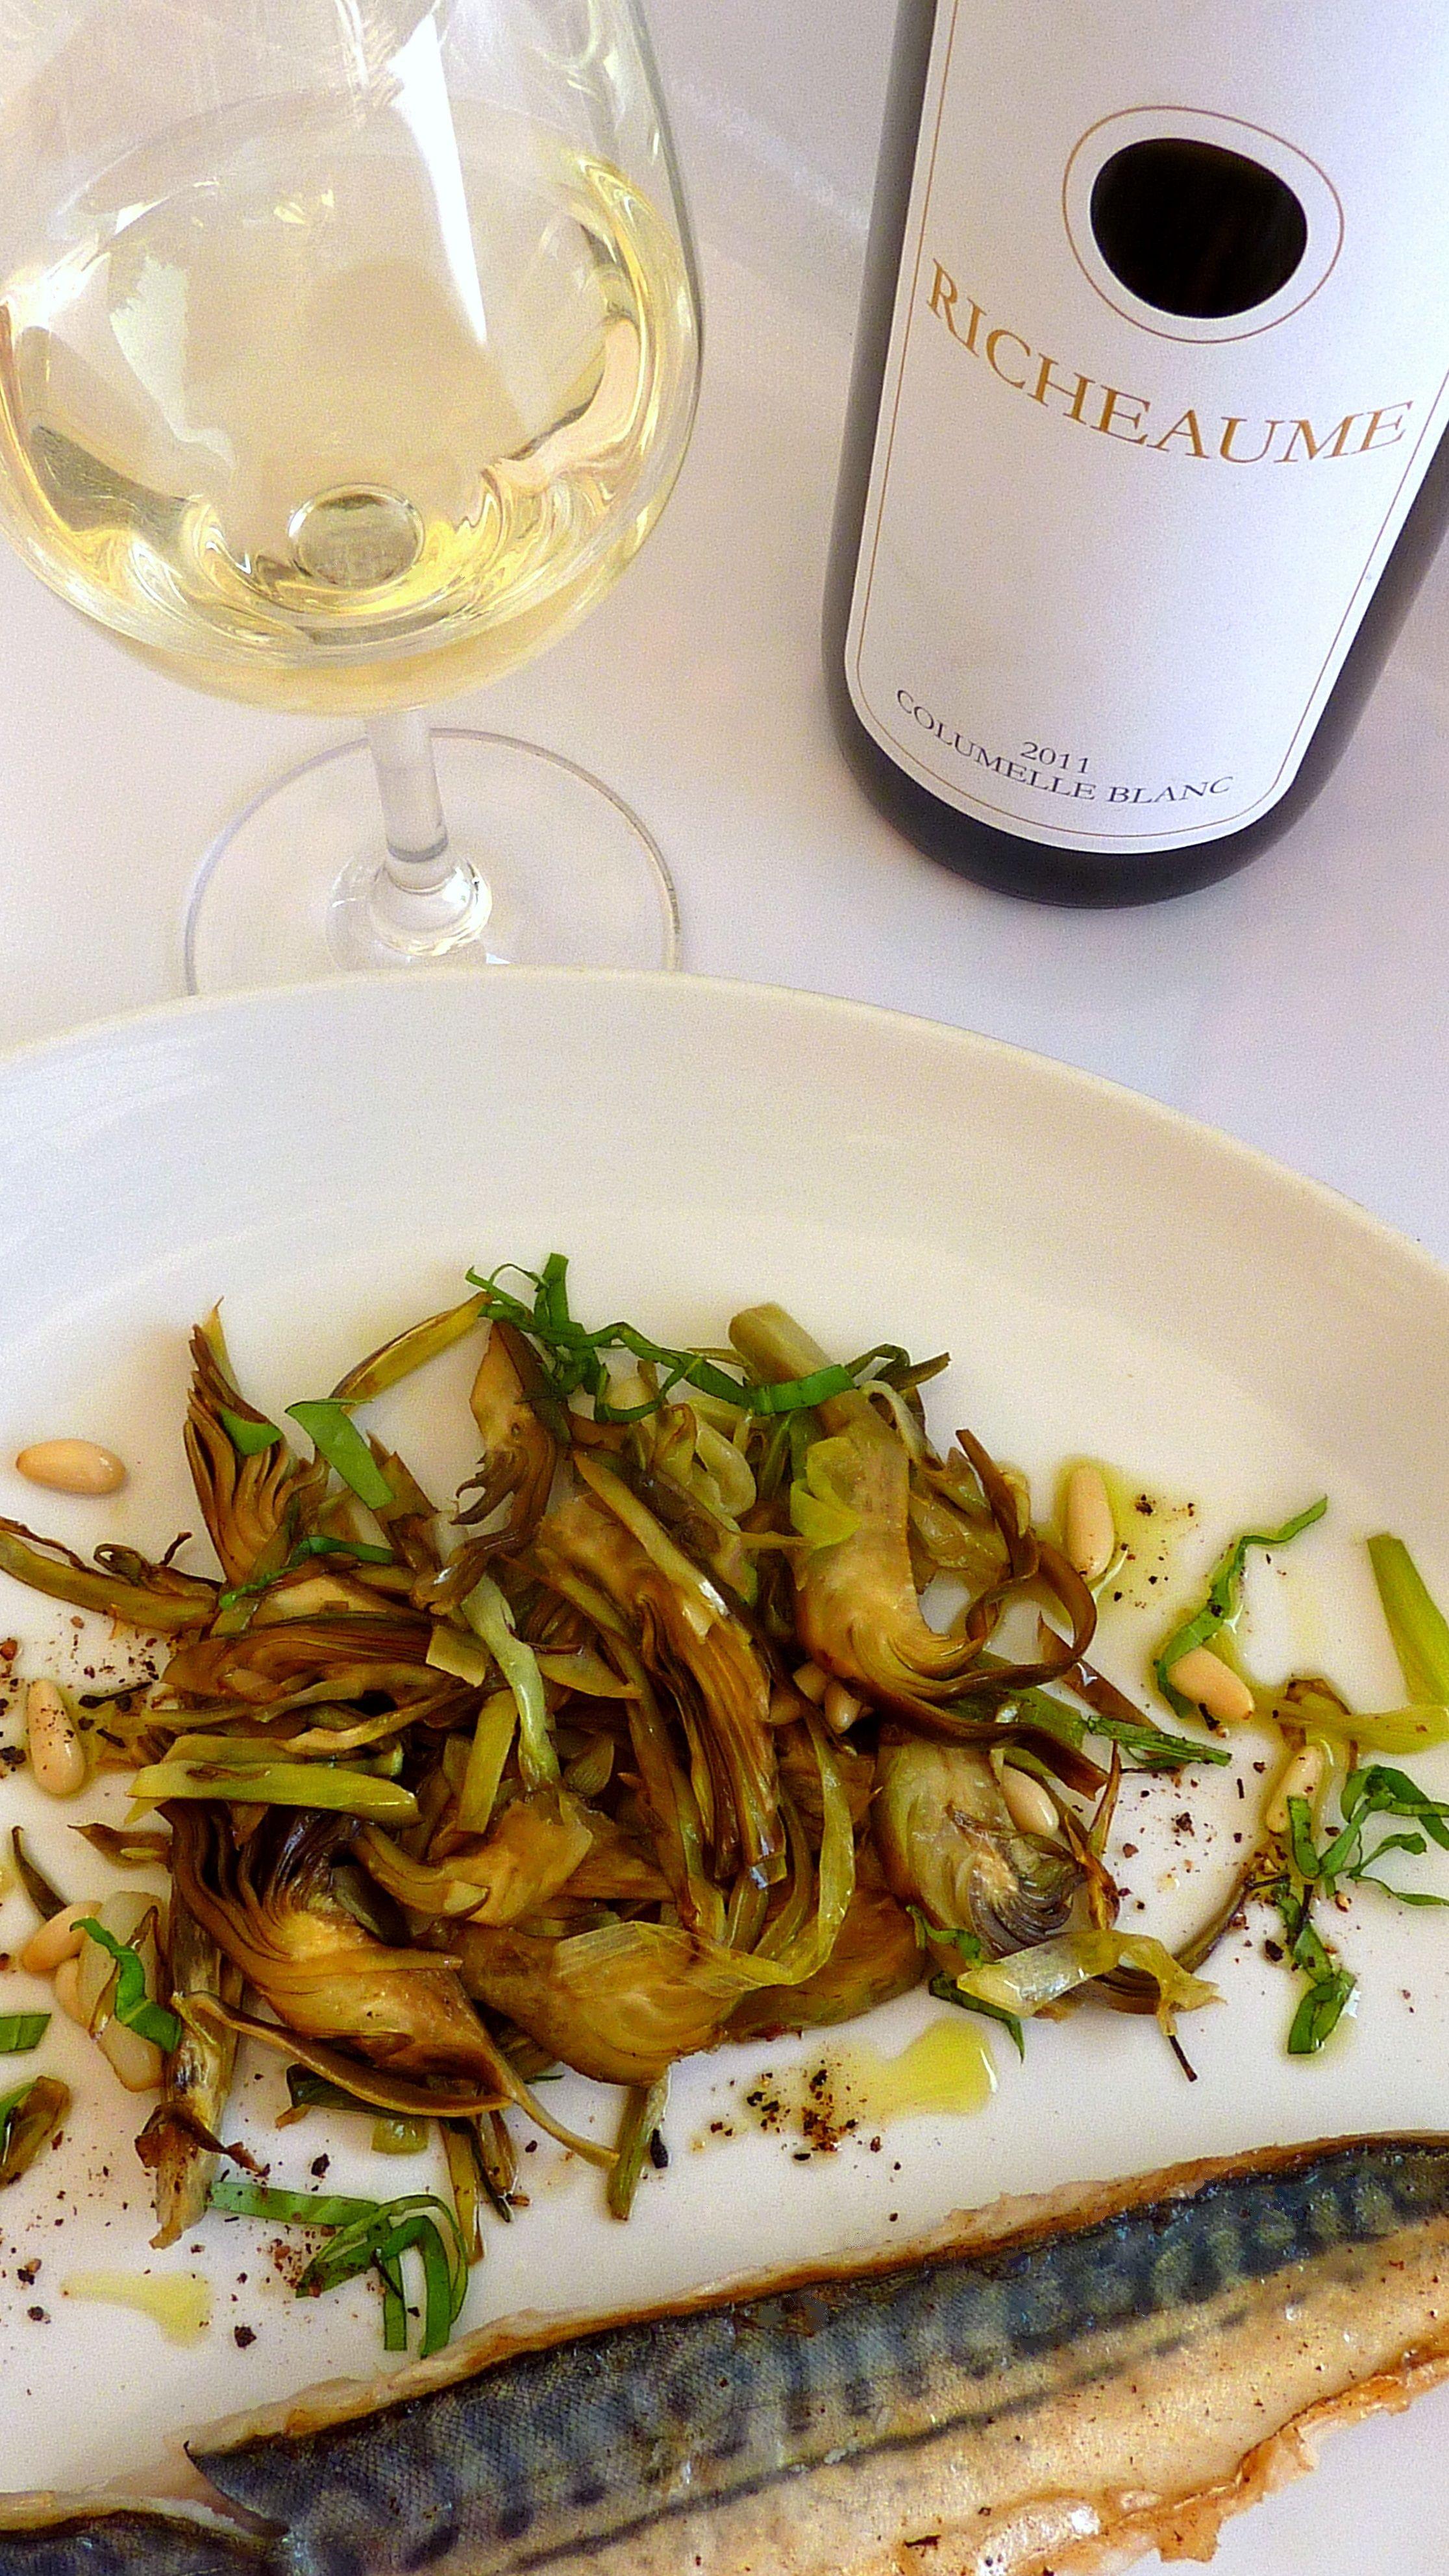 MAQUEREAUX A L'UNILATERALE, POELEE D'ARTICHAUTS A L'AIL ET POIVRE SAUVAGE www.lecomptoirdespoivres.com vin blanc cuvée Columelle du Domaine RICHEAUME